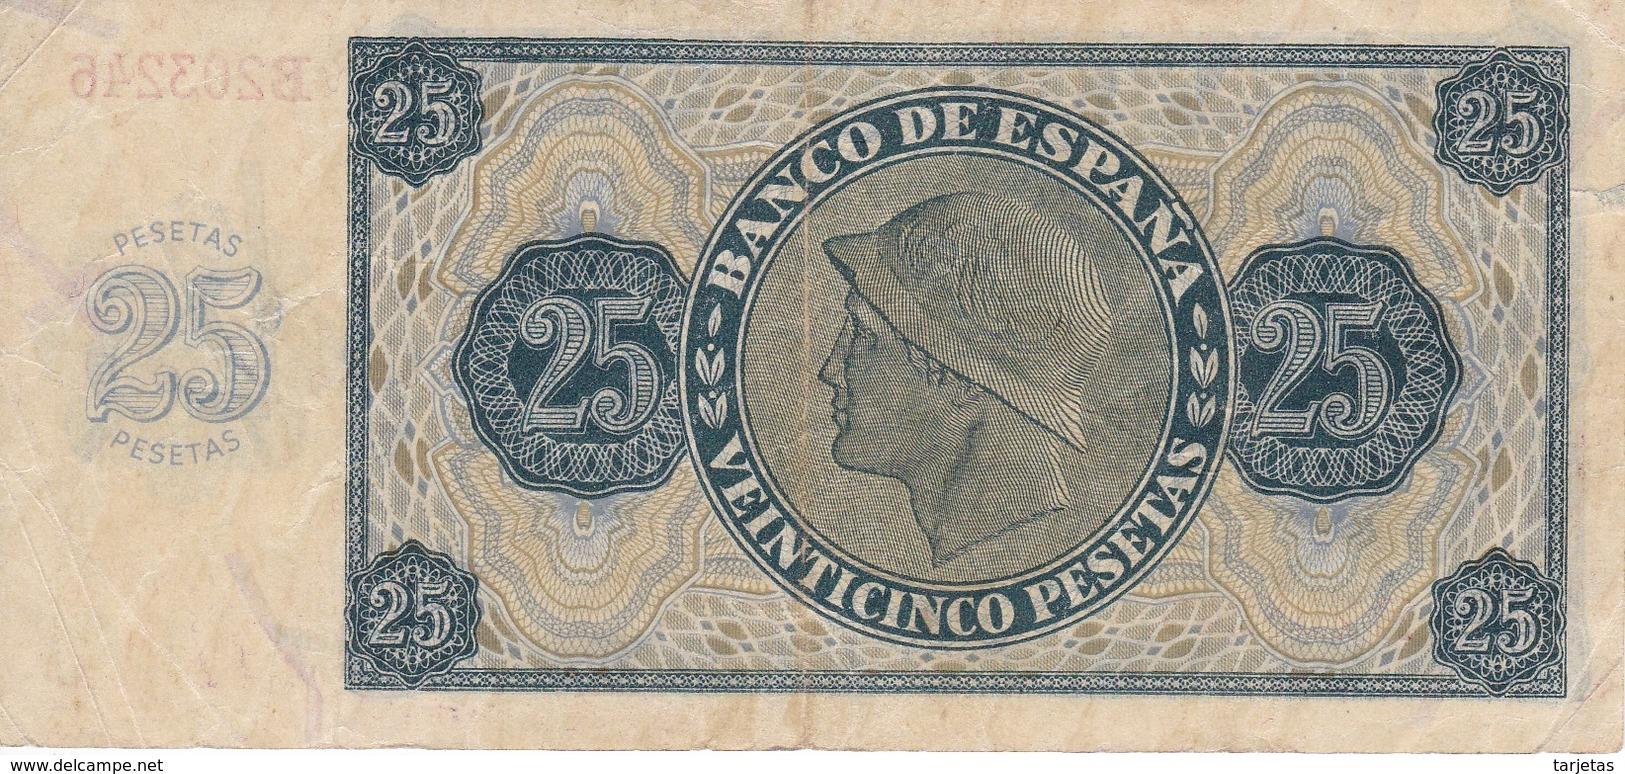 BILLETE DE ESPAÑA DE 25 PTAS DEL 21/11/1936 SERIE B CALIDAD  MBC (VF) (BANKNOTE) - [ 3] 1936-1975 : Régence De Franco